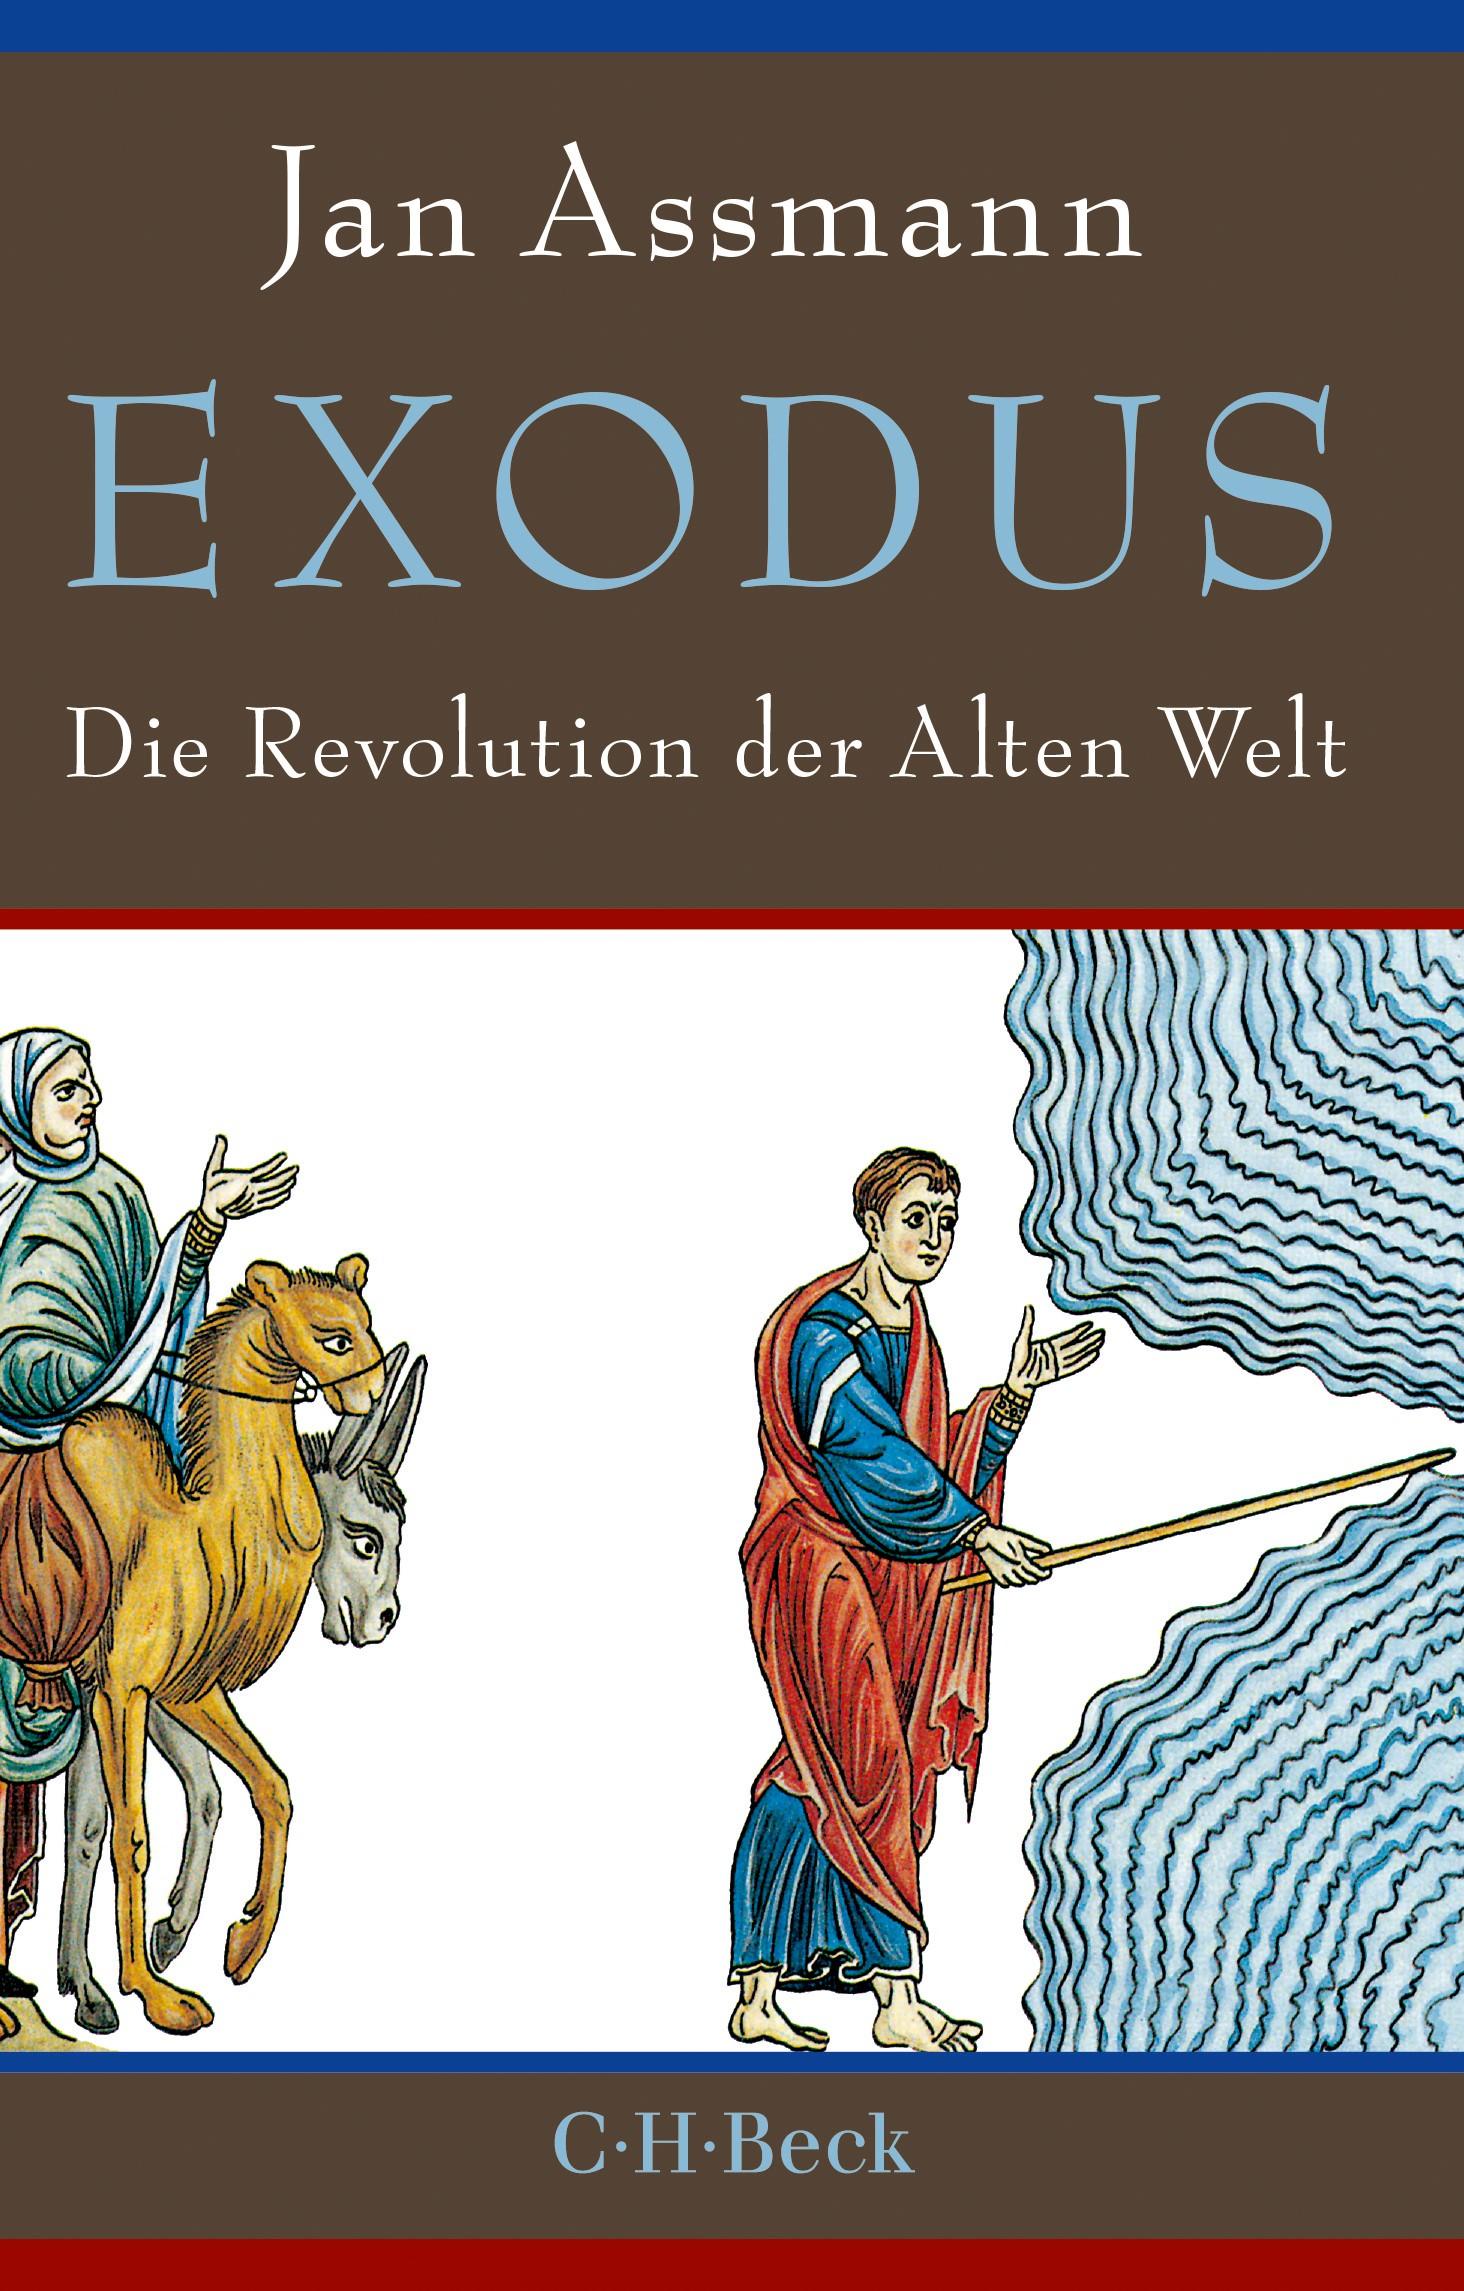 Abbildung von Assmann, Jan | Exodus | 2019